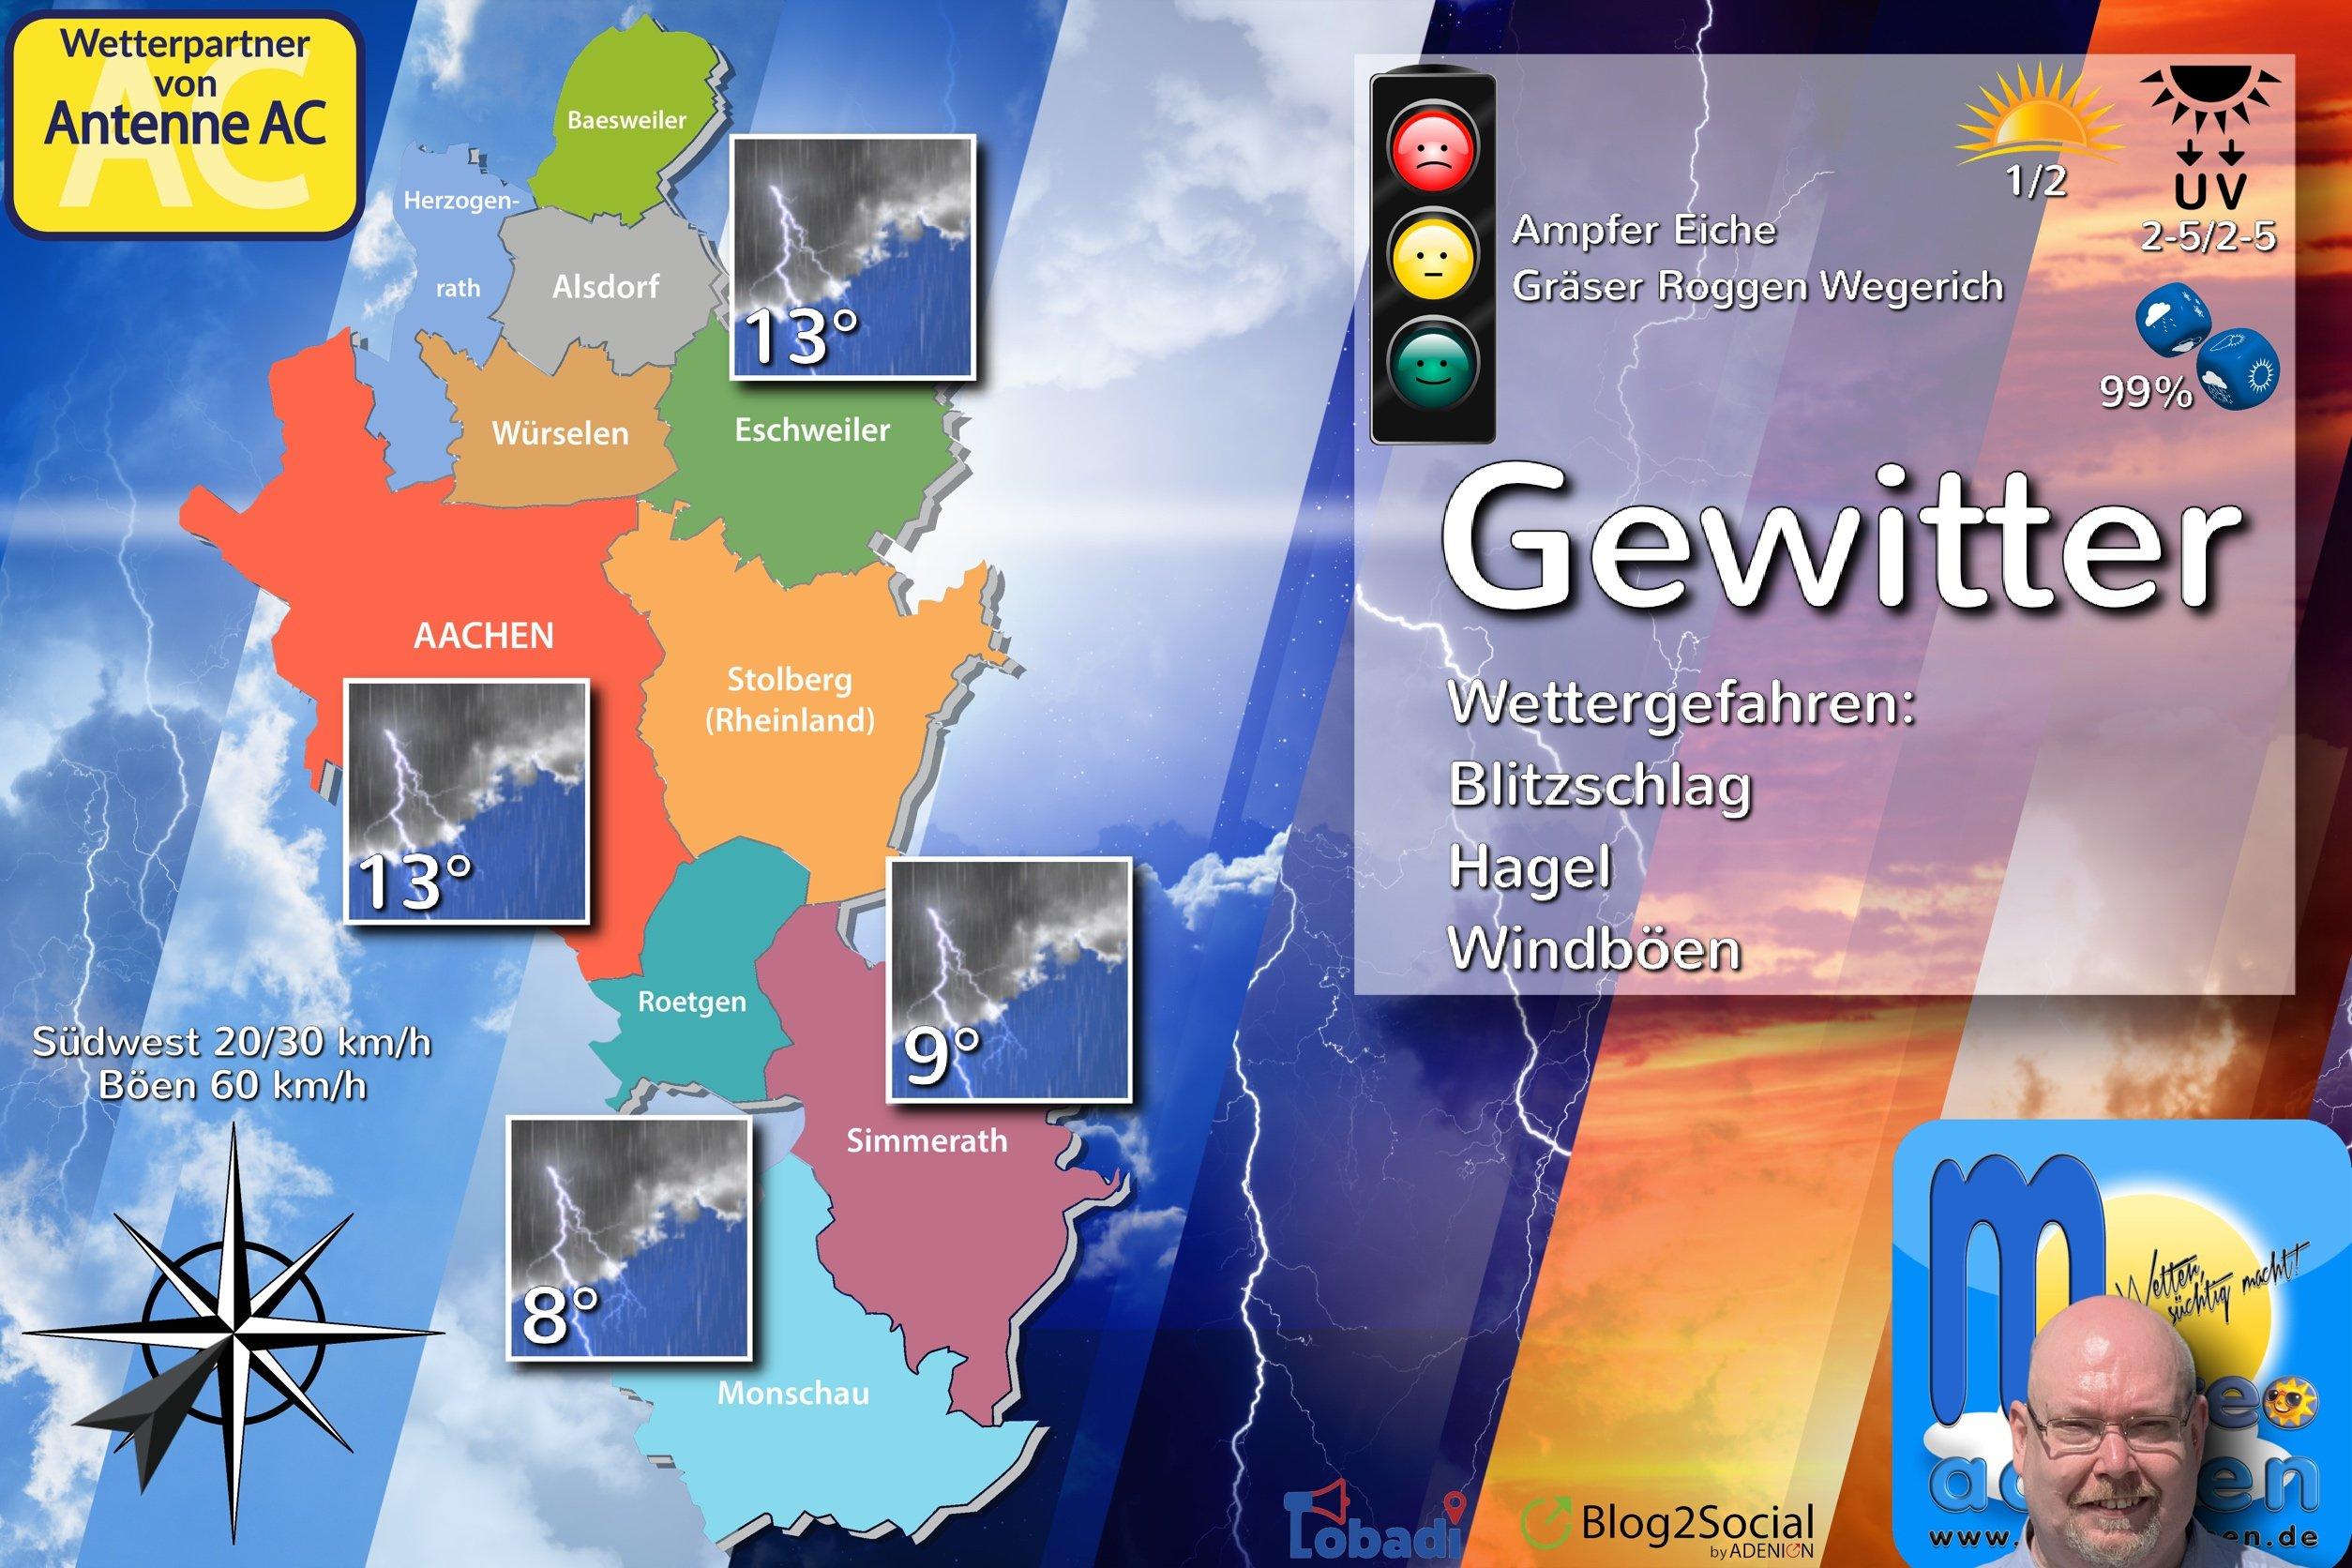 Windelschiss-Wetter